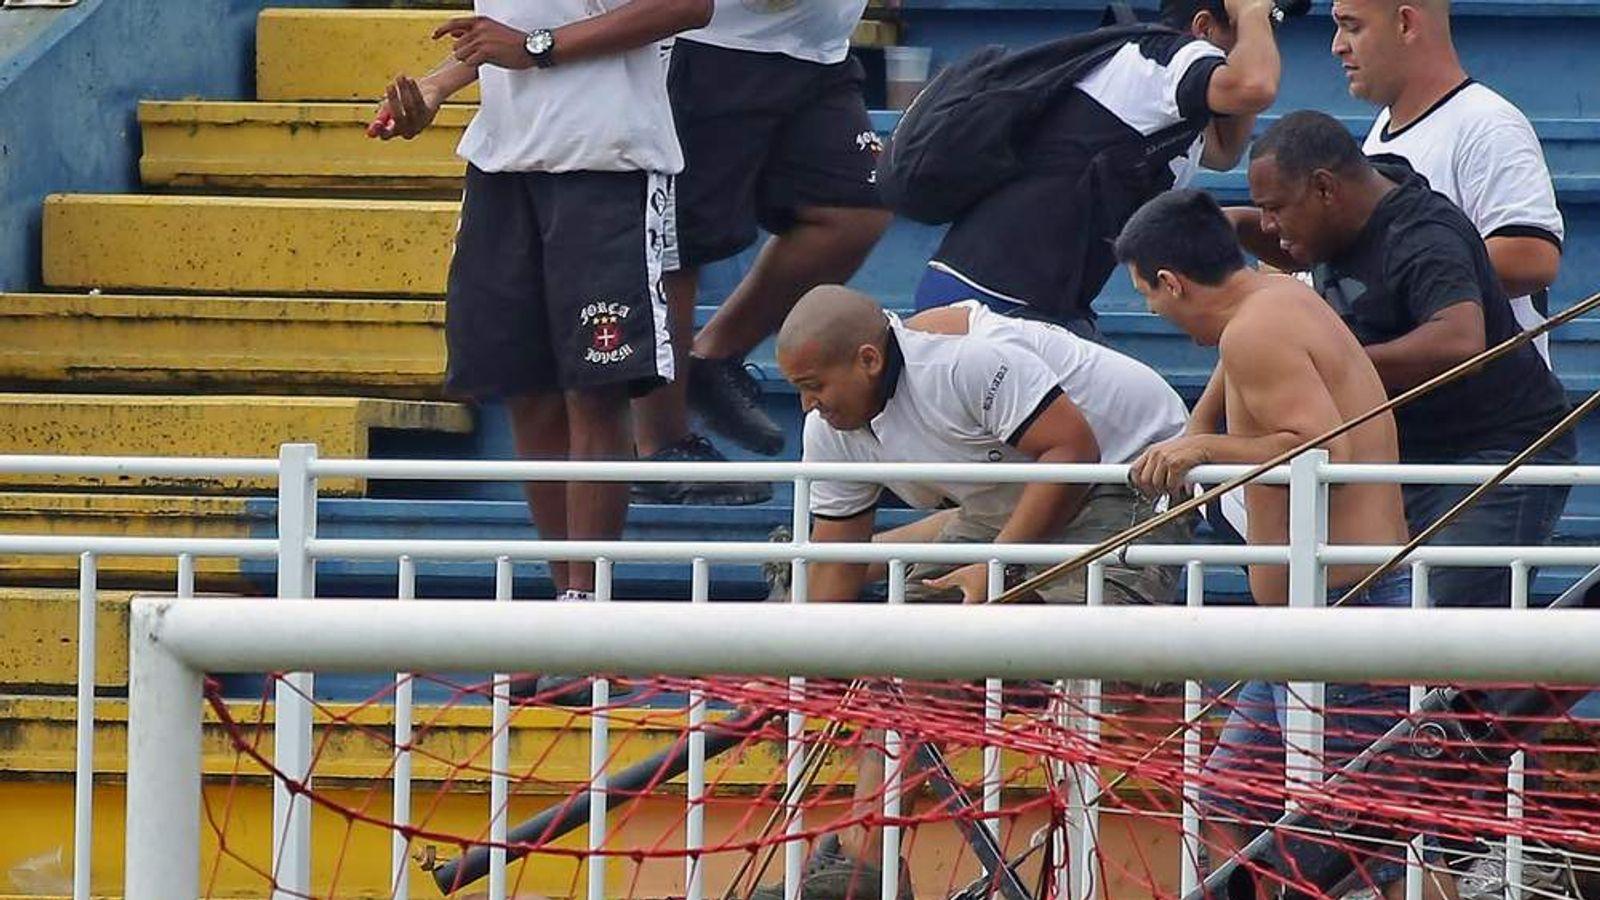 Fans of Rio de Janeiro's Vasco da Gama attack a fan of Parana's Atletico PR